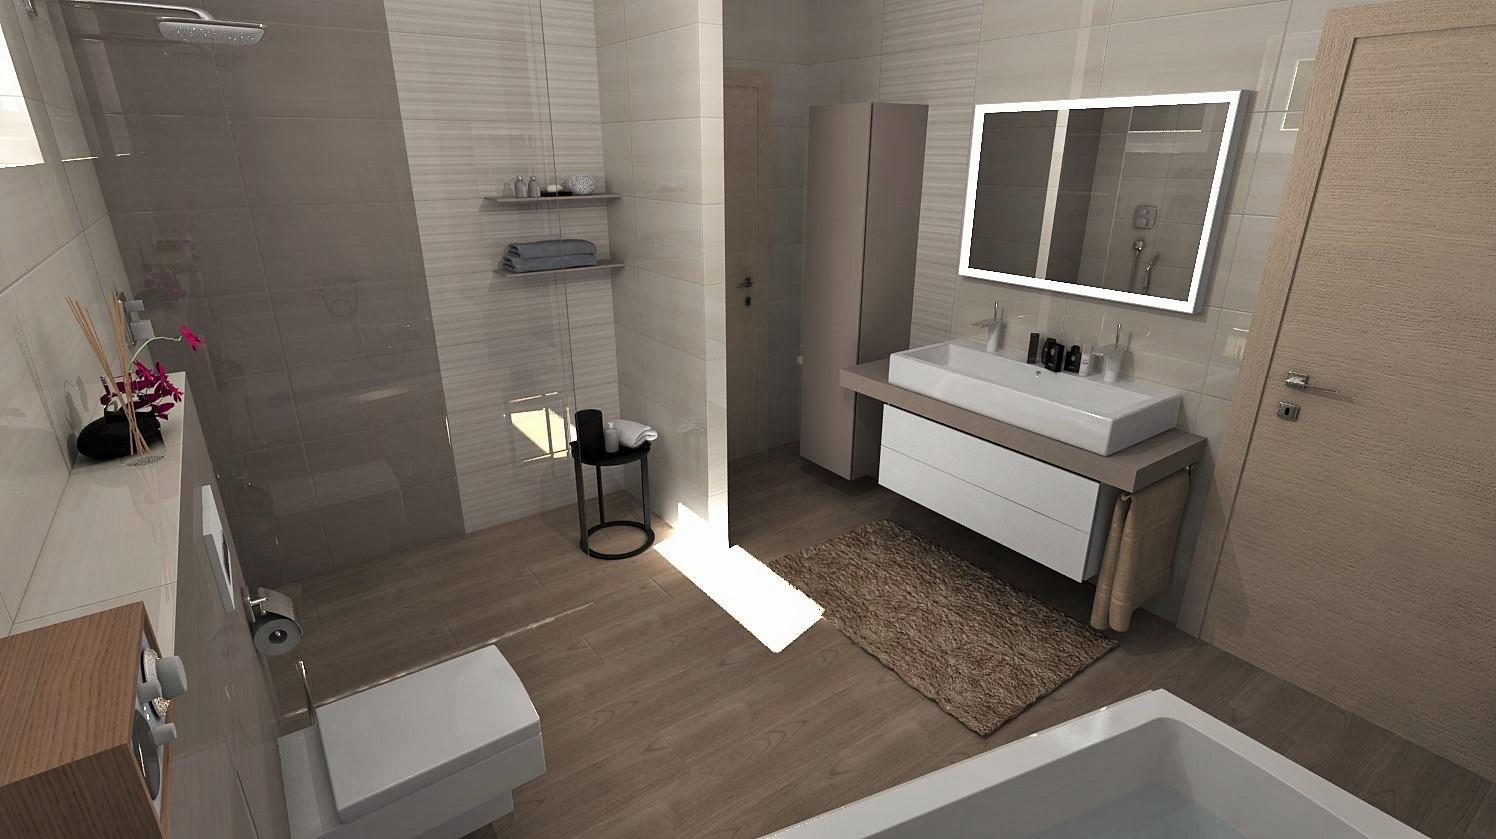 Návrhy a vizualizácie kúpeľní - Obrázok č. 99